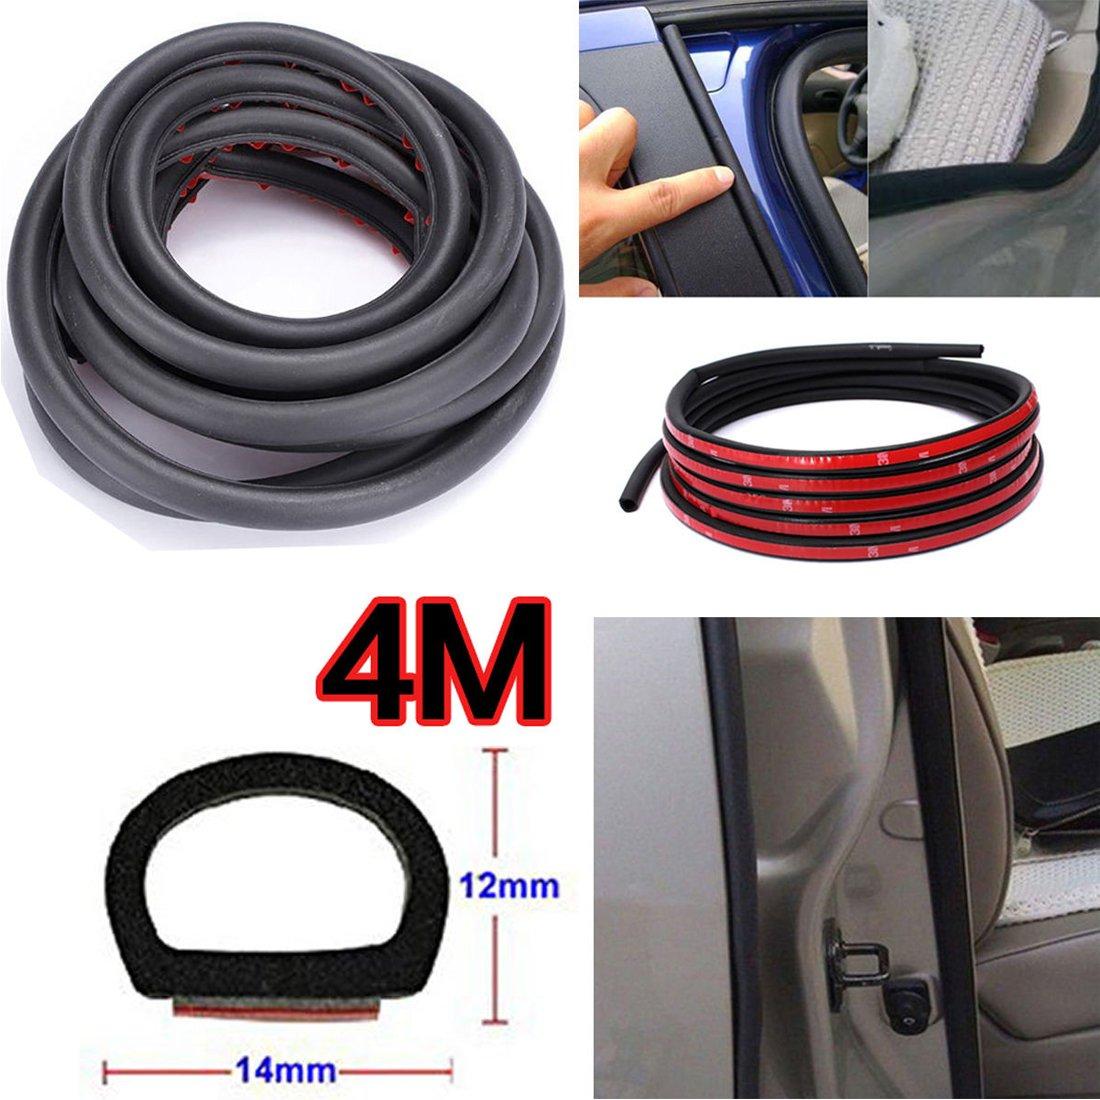 Warehouseshop WSS - Tira de goma de PVC para puerta de coche, 4 m x 12 mm x 14 mm, selladora, protecció n de la puerta, para interior y exterior protección de la puerta